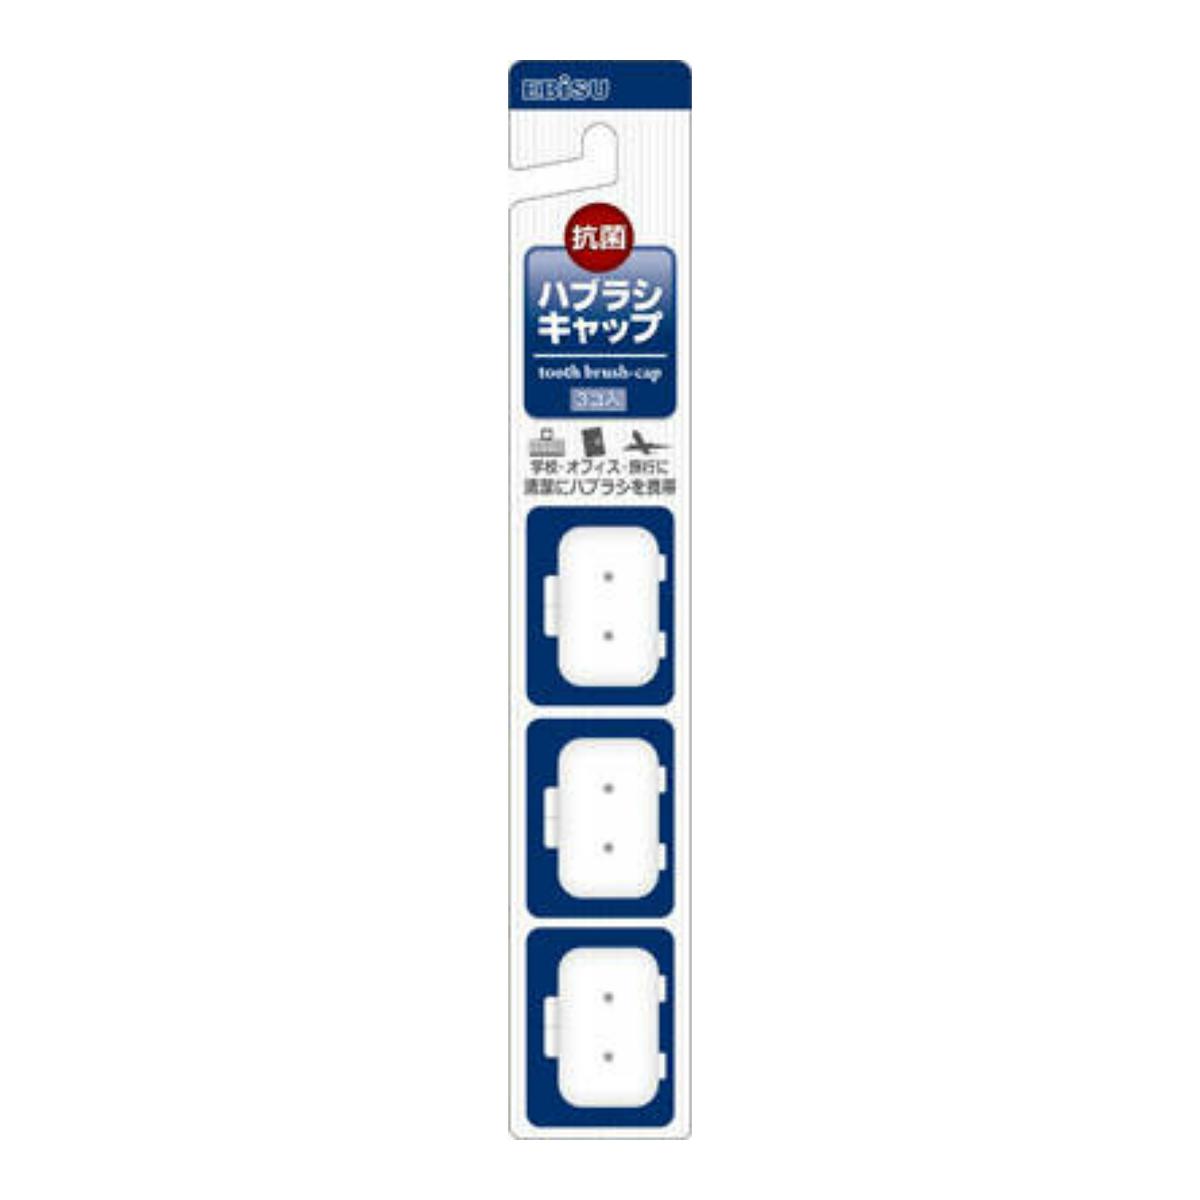 【送料無料】エビス エビスハブラシキャップ抗菌 大人用 3個入り×240点セット まとめ買い特価!ケース販売 ( 4901221711309 )